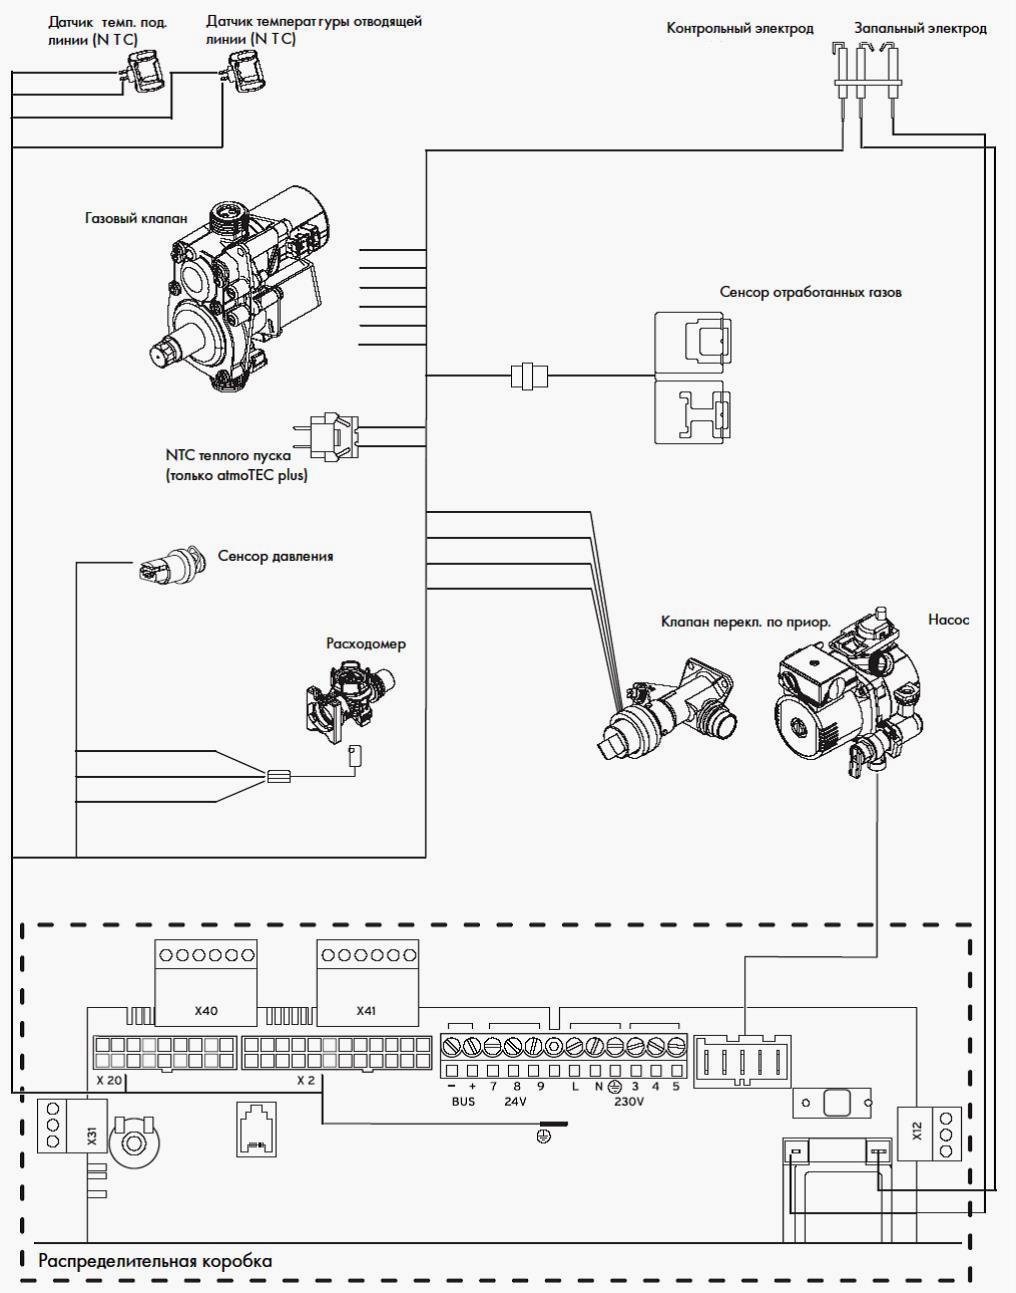 инструкция котлу купер